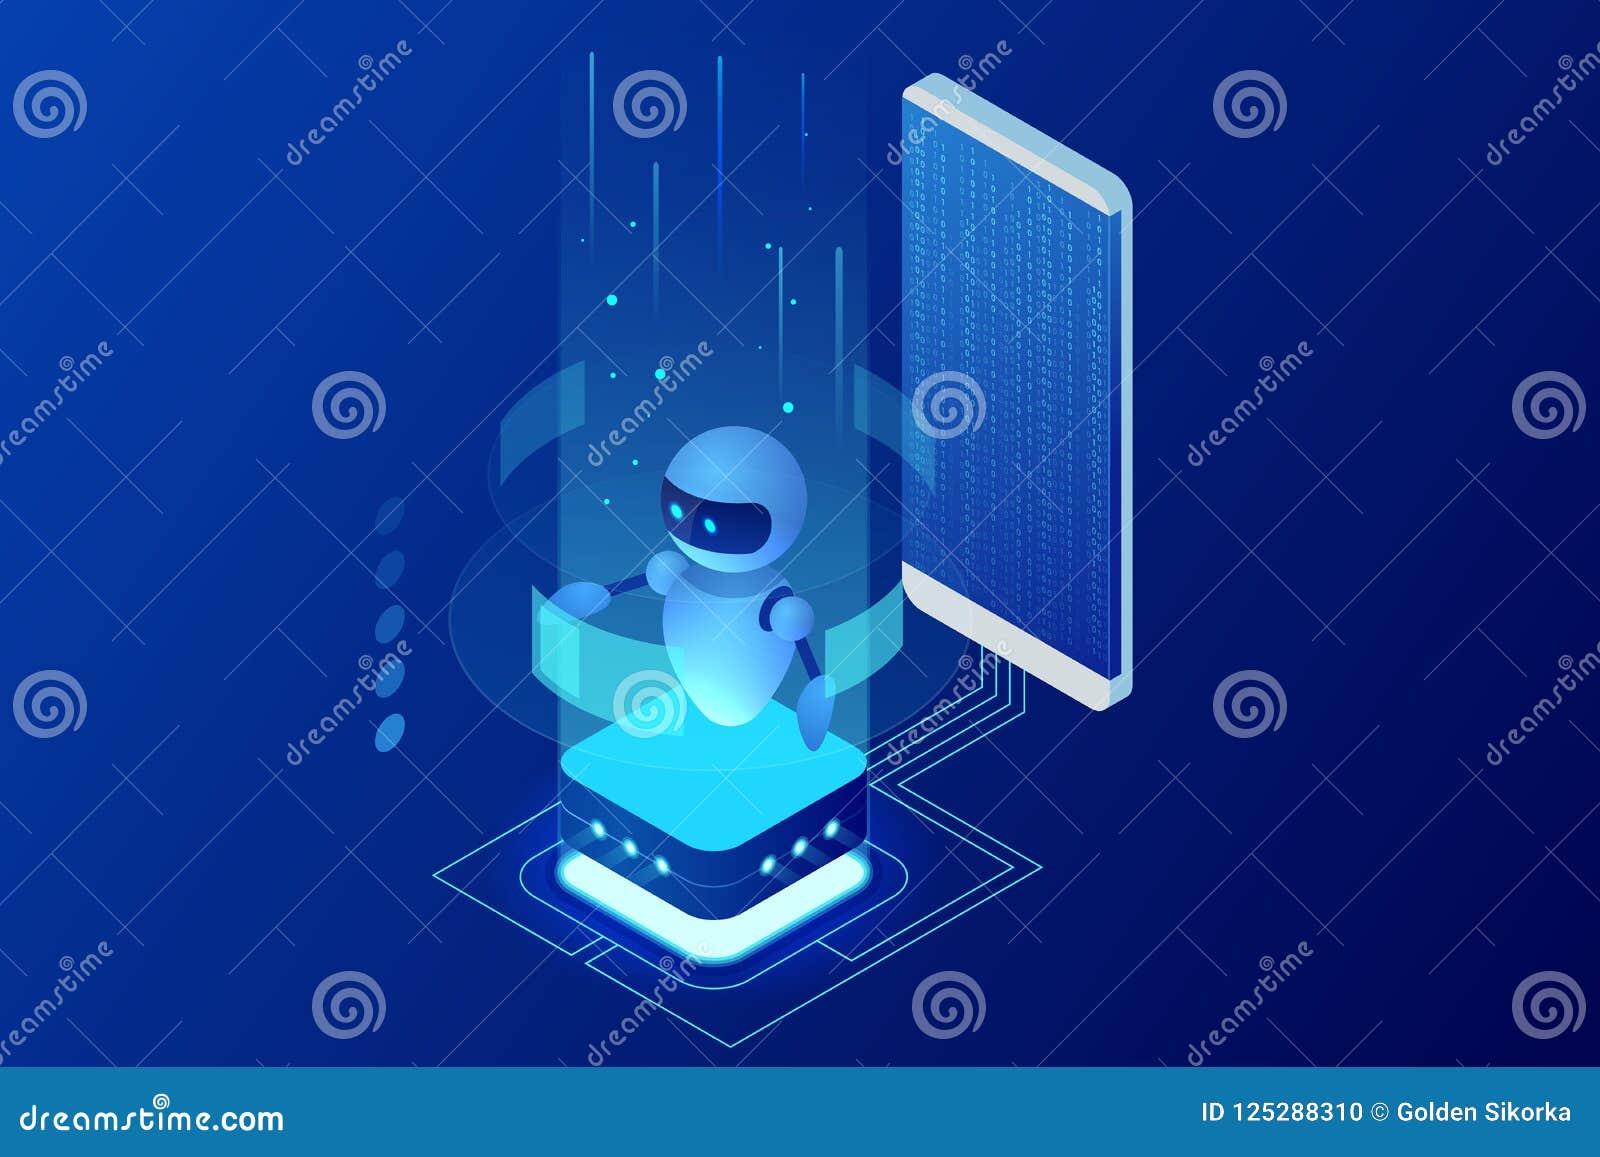 Isometric sztuczna inteligencja Chatbot i przyszłościowy marketing AI i biznesowy IOT pojęcie Dialog pomocy usługa